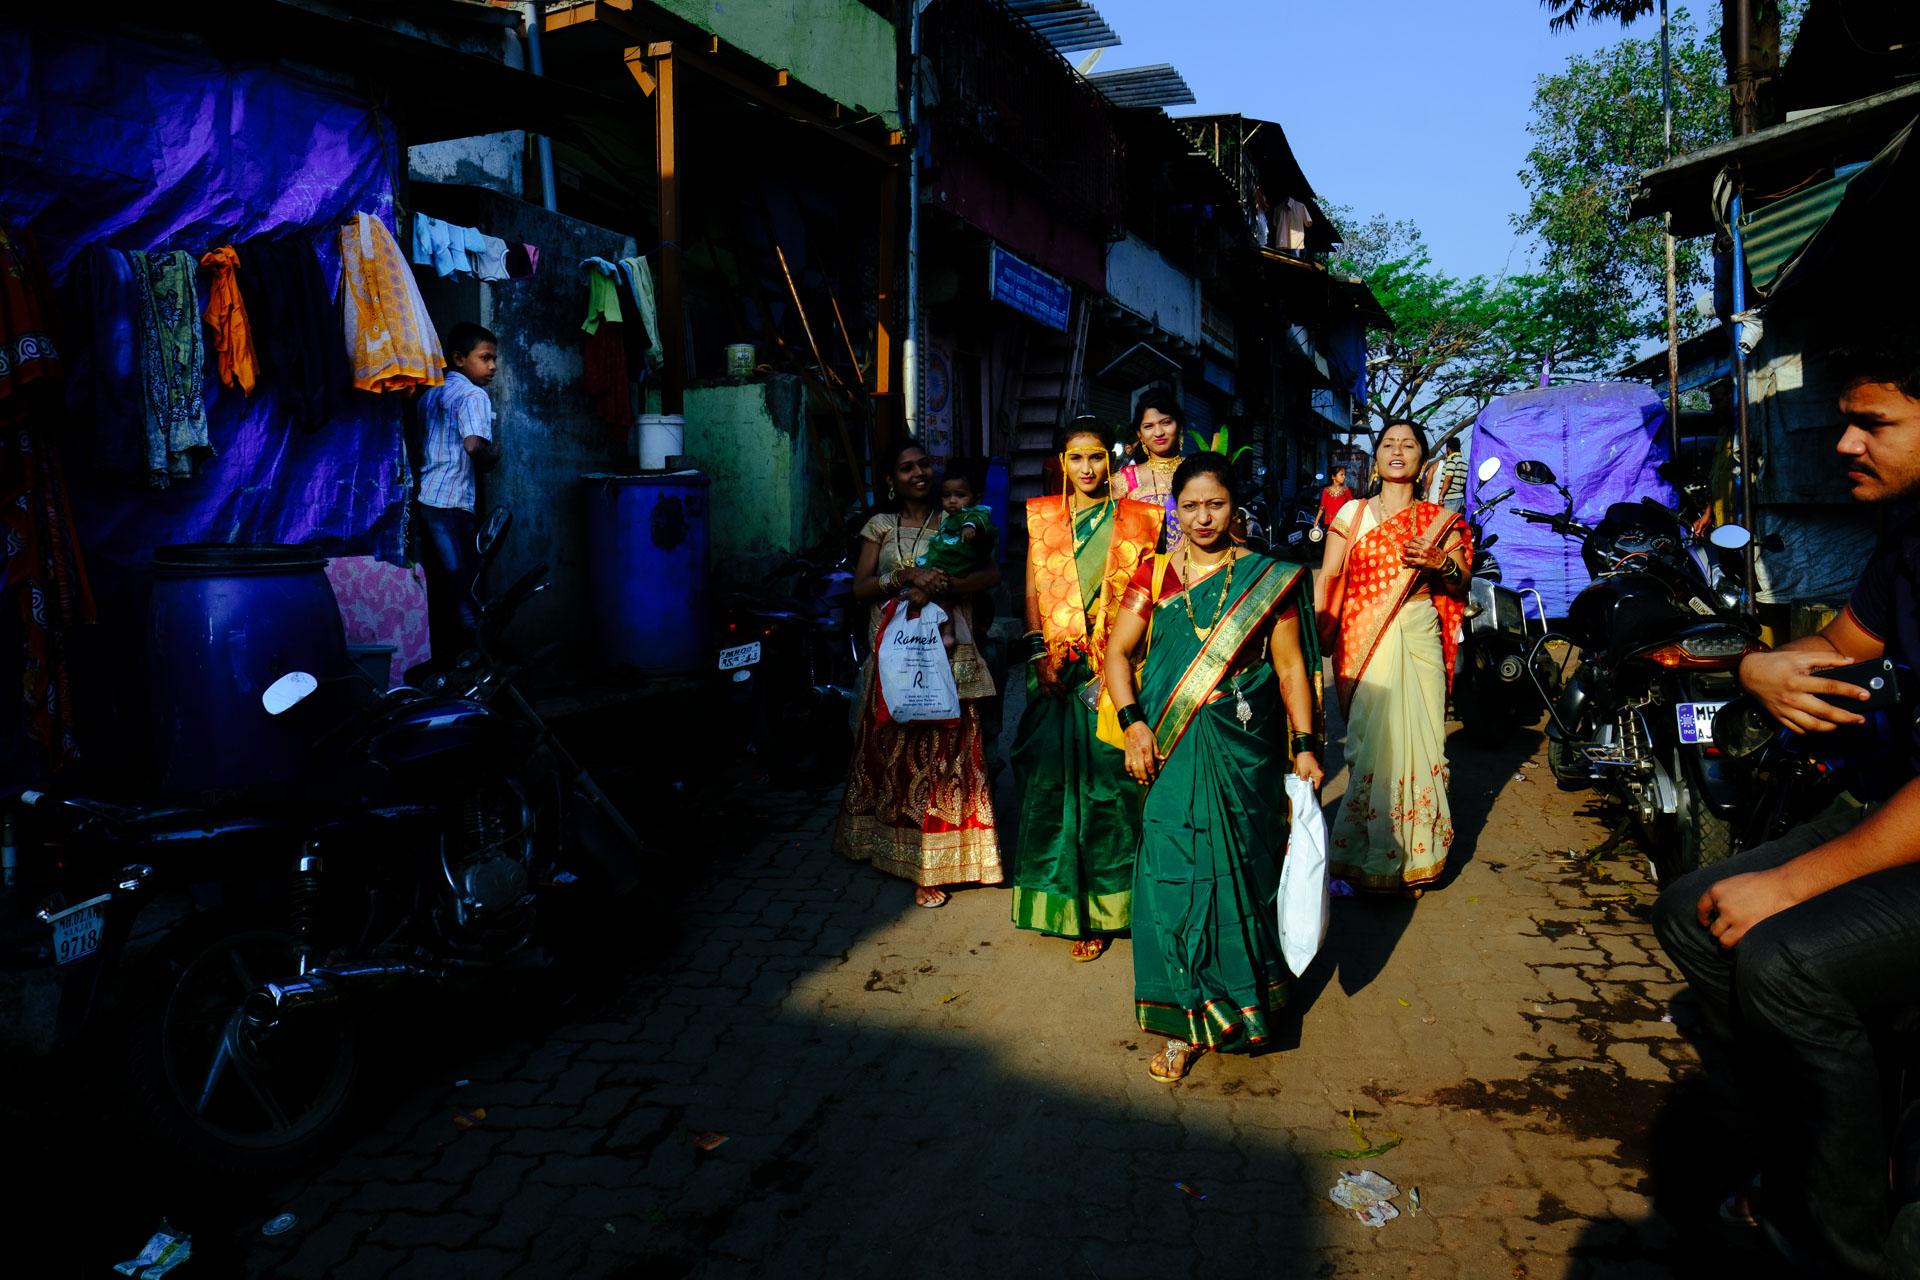 wedding_in_mumbai-1.jpg